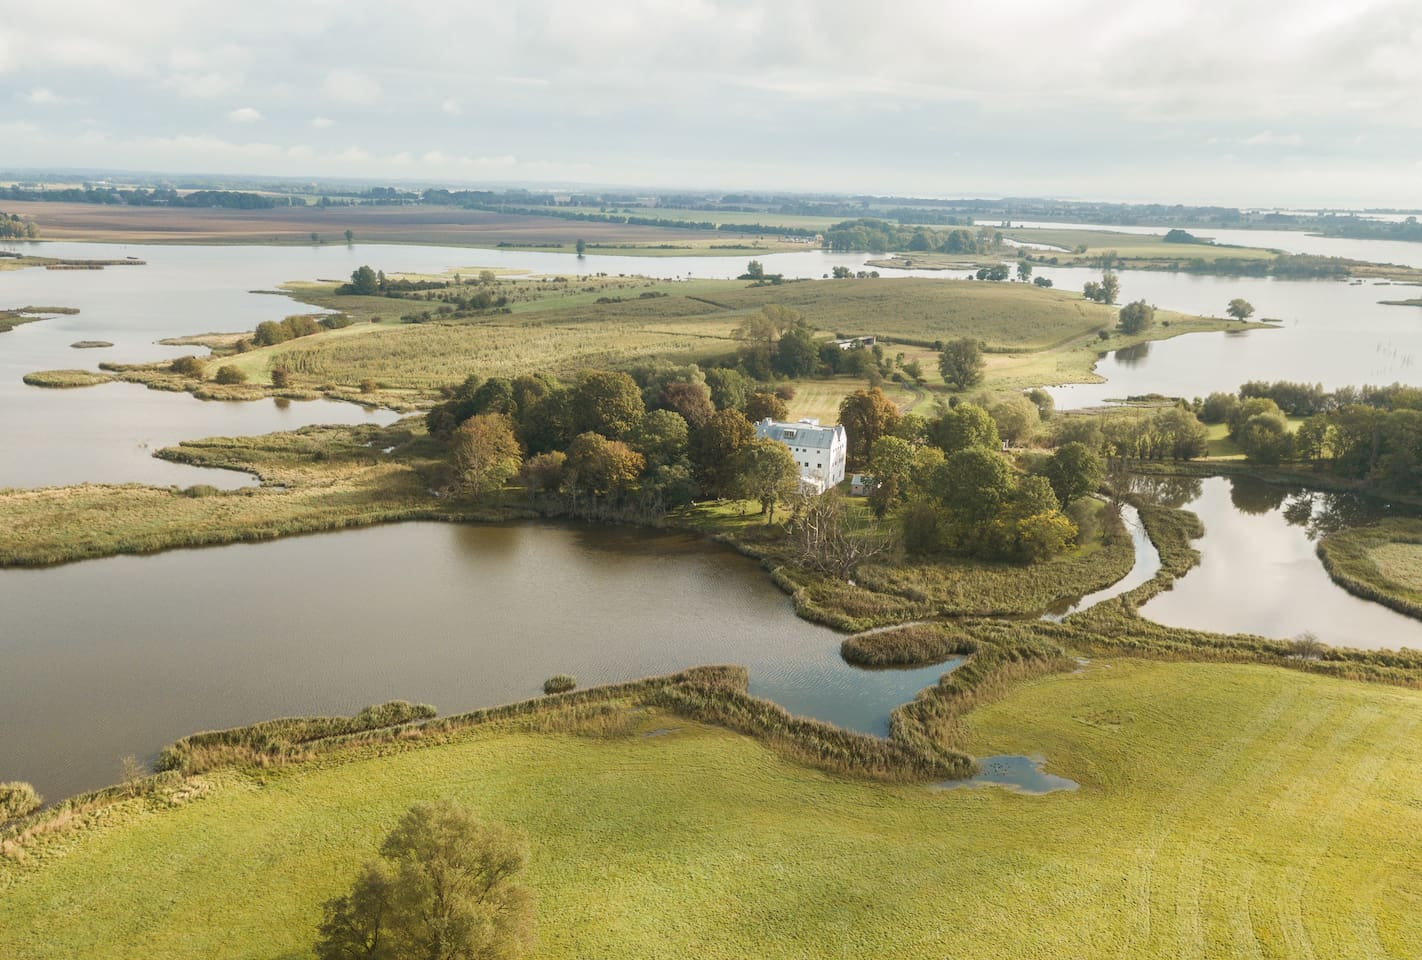 Blick auf das Grundstück mit Herrenhaus und Wasserlandschaft